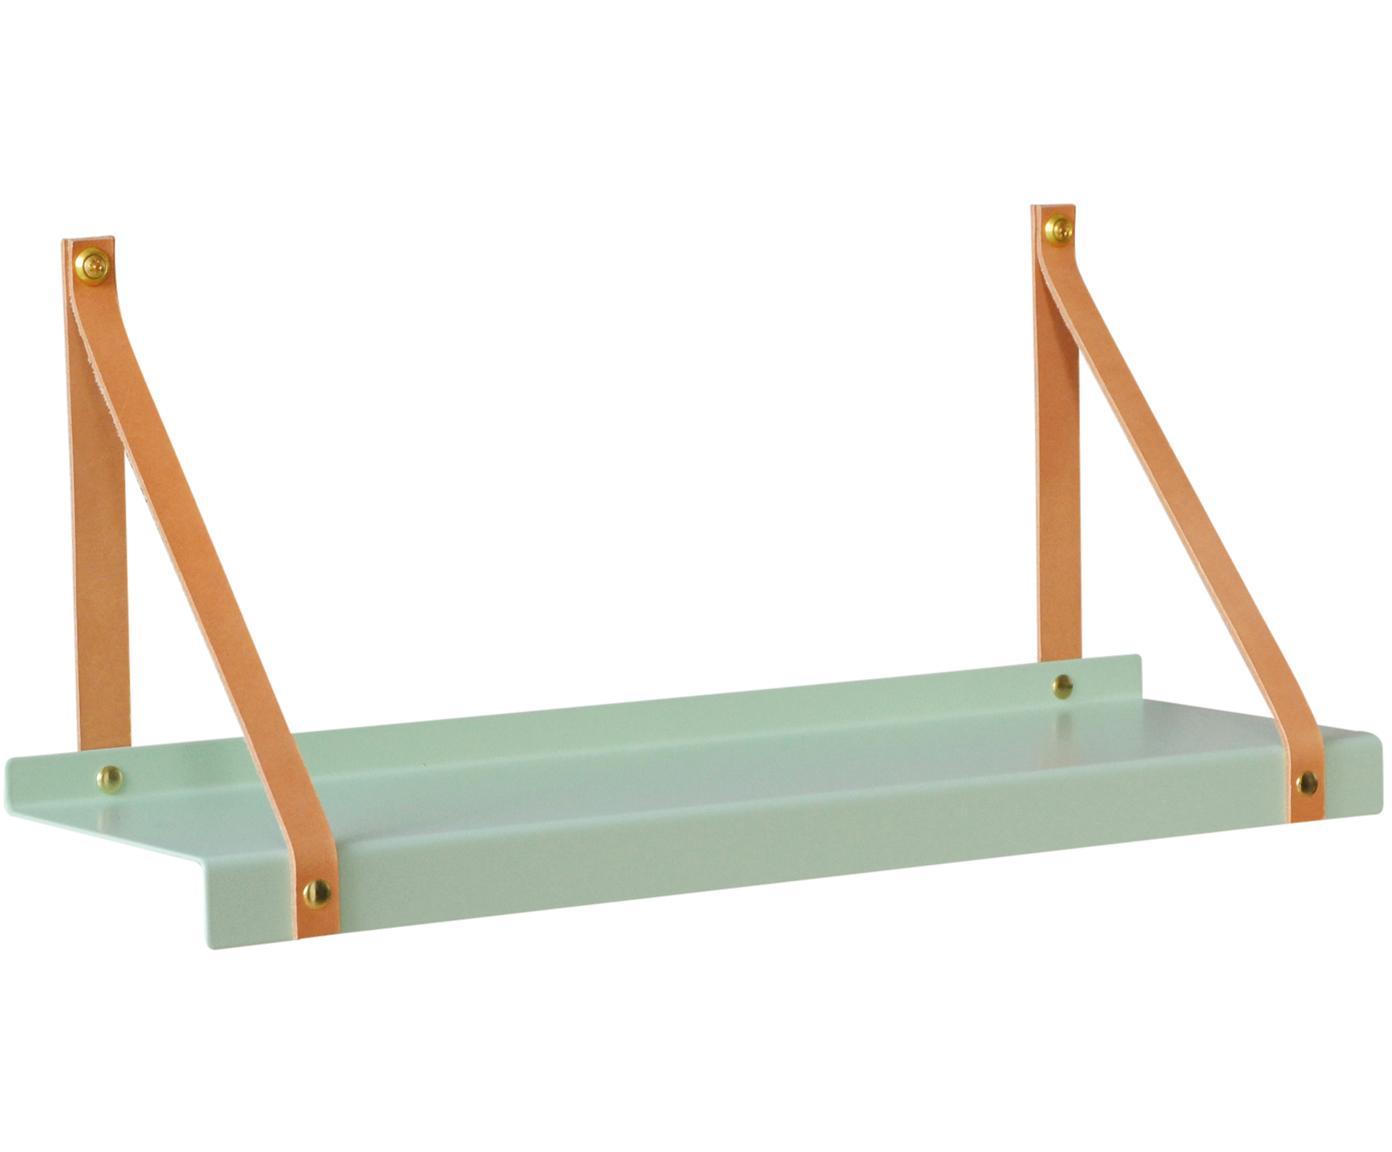 Mensola a muro con cinturini in pelle Shelfie, Mensola: metallo verniciato a polv, Cinturino: pelle, Menta, marrone, Larg. 50 x Prof. 23 cm